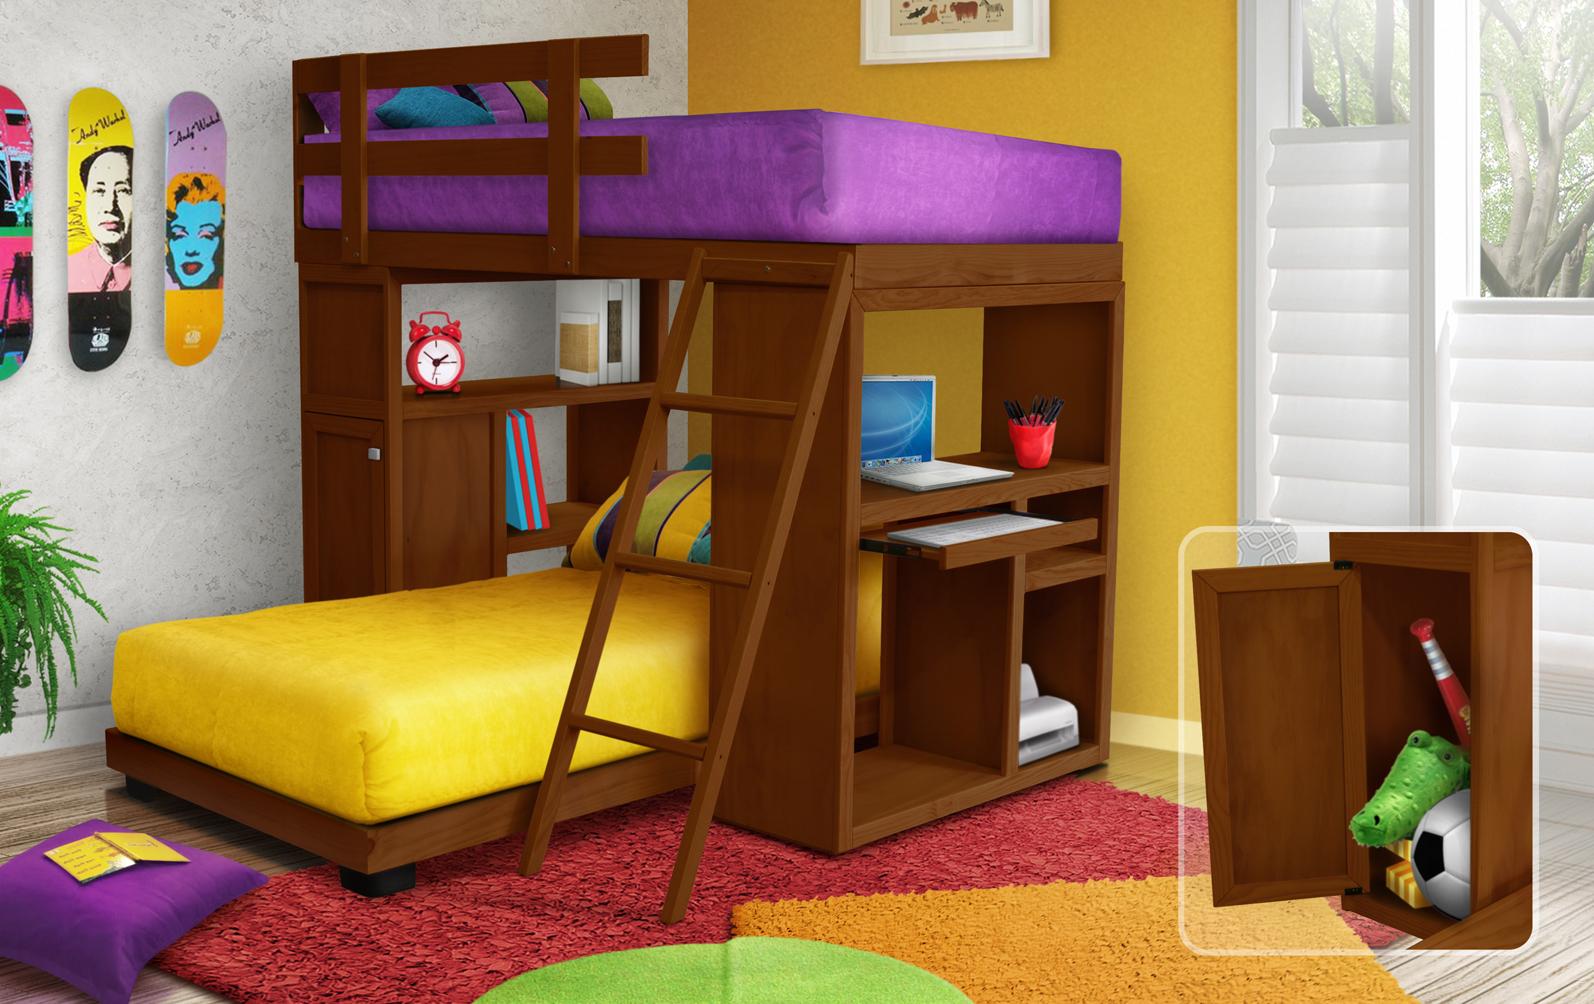 Muebleria Zambrano Muebles Minimalista Guadalajara Camas Duplex Y  # Muebles Modernos En Guadalajara